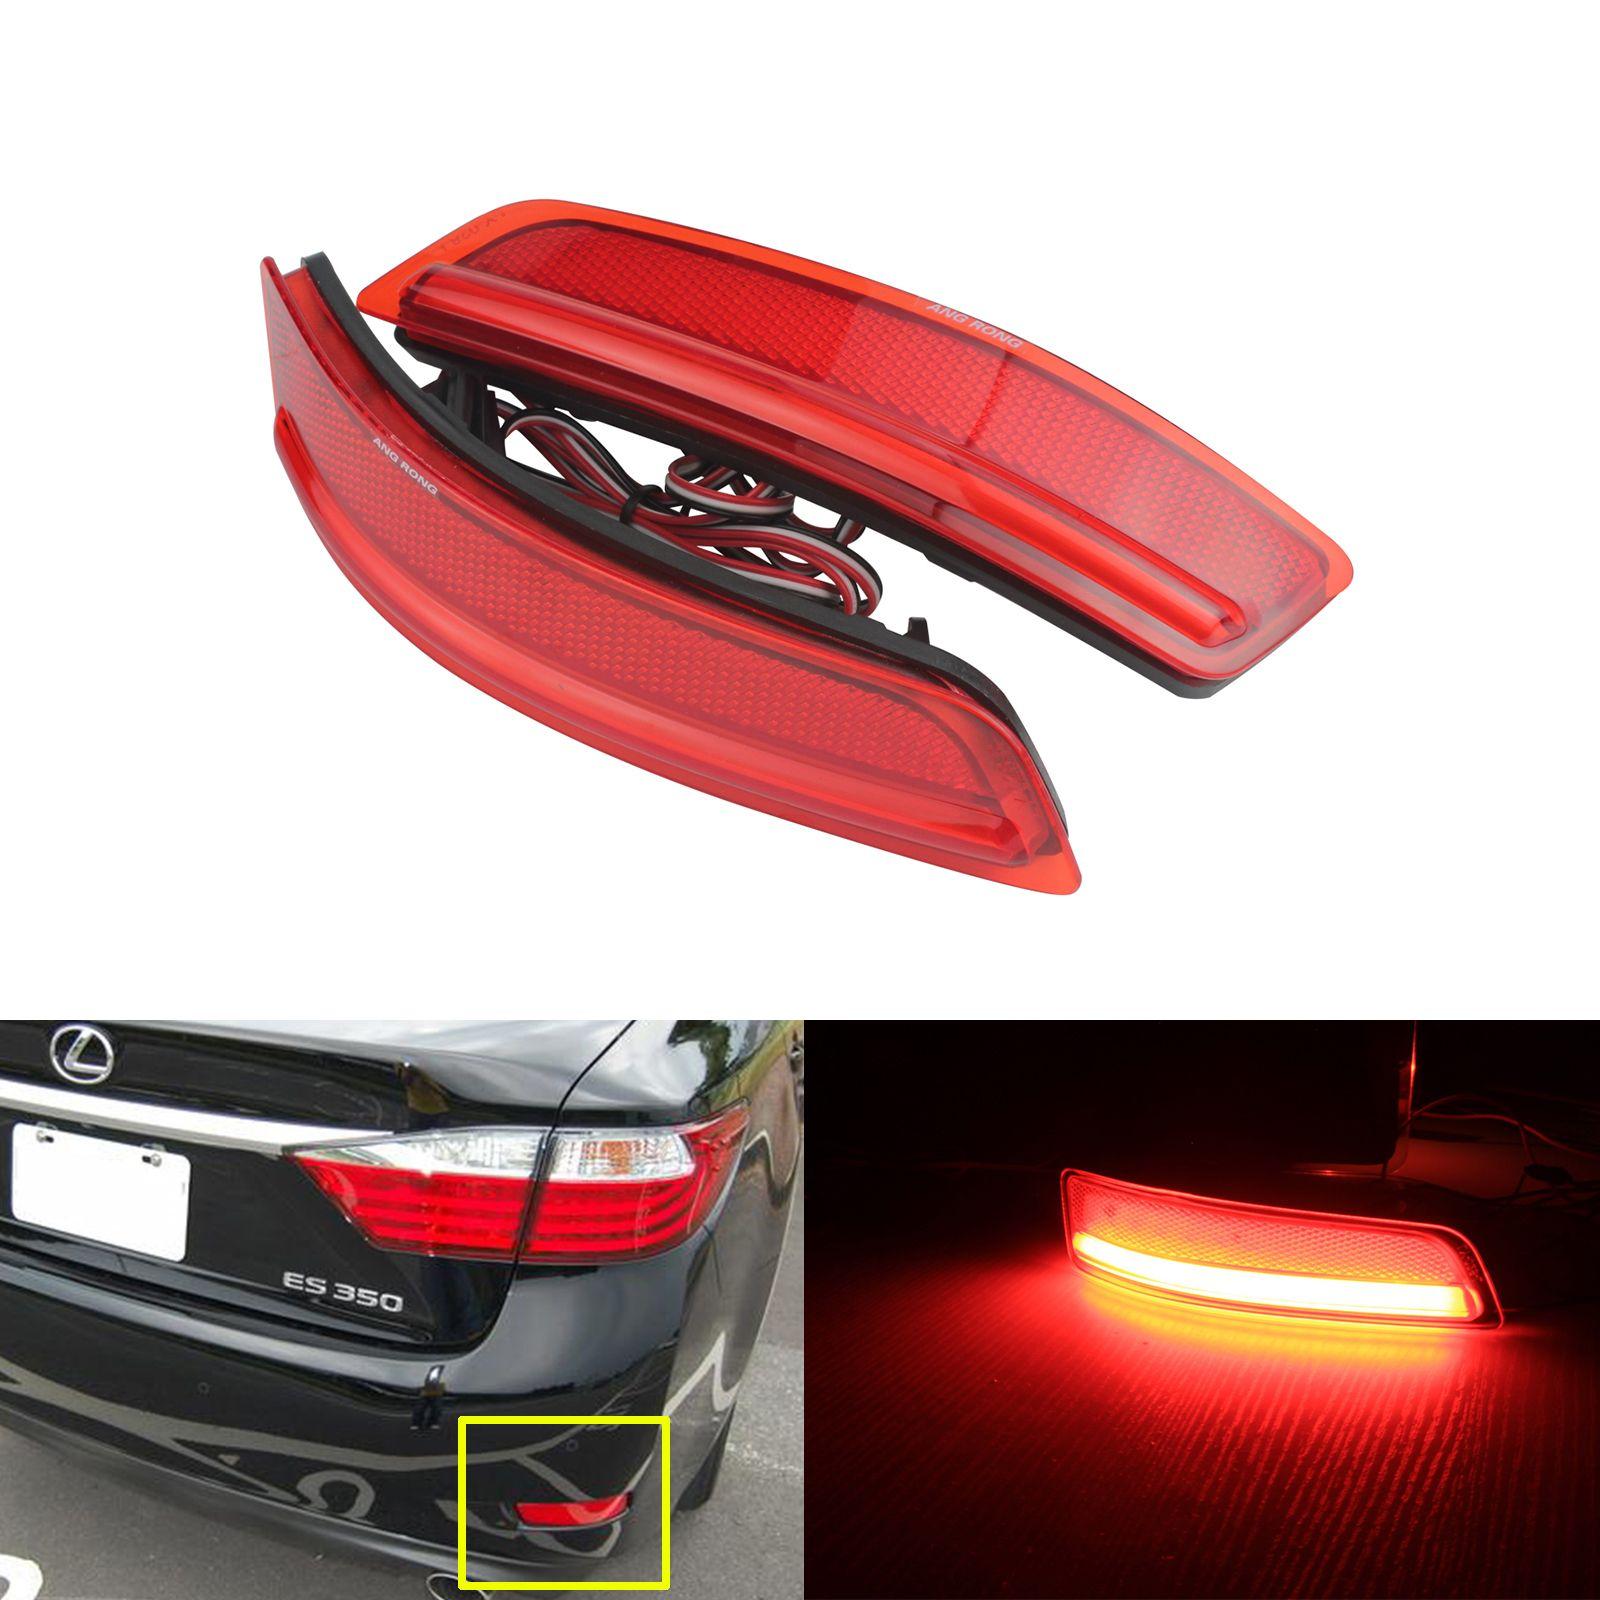 ANGRONG 2x Rot Hinten Stoßstange Reflektor Led Stop-bremslicht Für Lexus ES GS 250 350 300 h 450 h 2012 + für Toyota Corolla